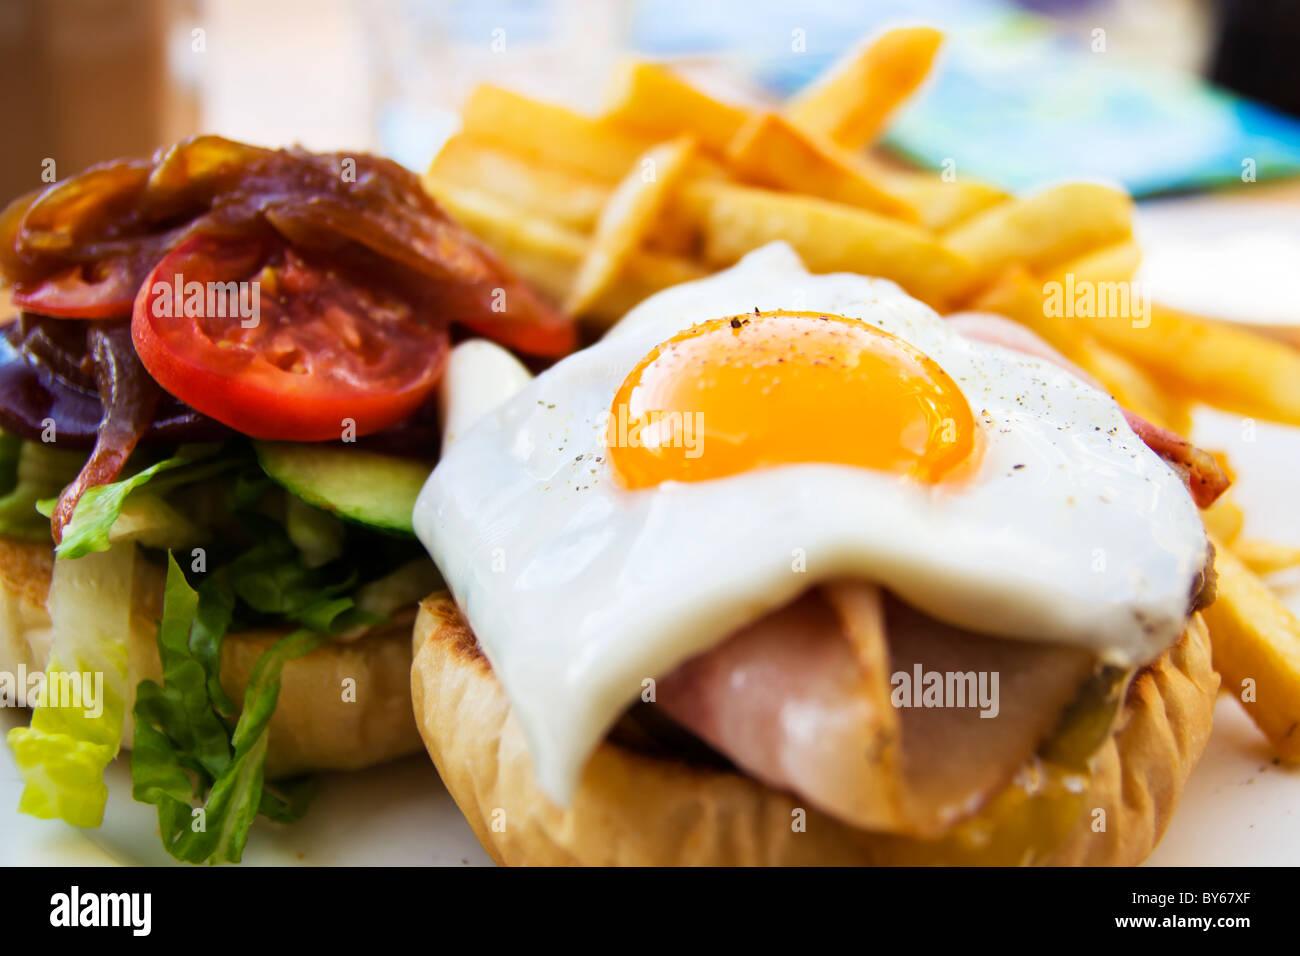 Carne wagyu burger com chips, bacon, fiambre, ovos e produtos hortícolas Imagens de Stock